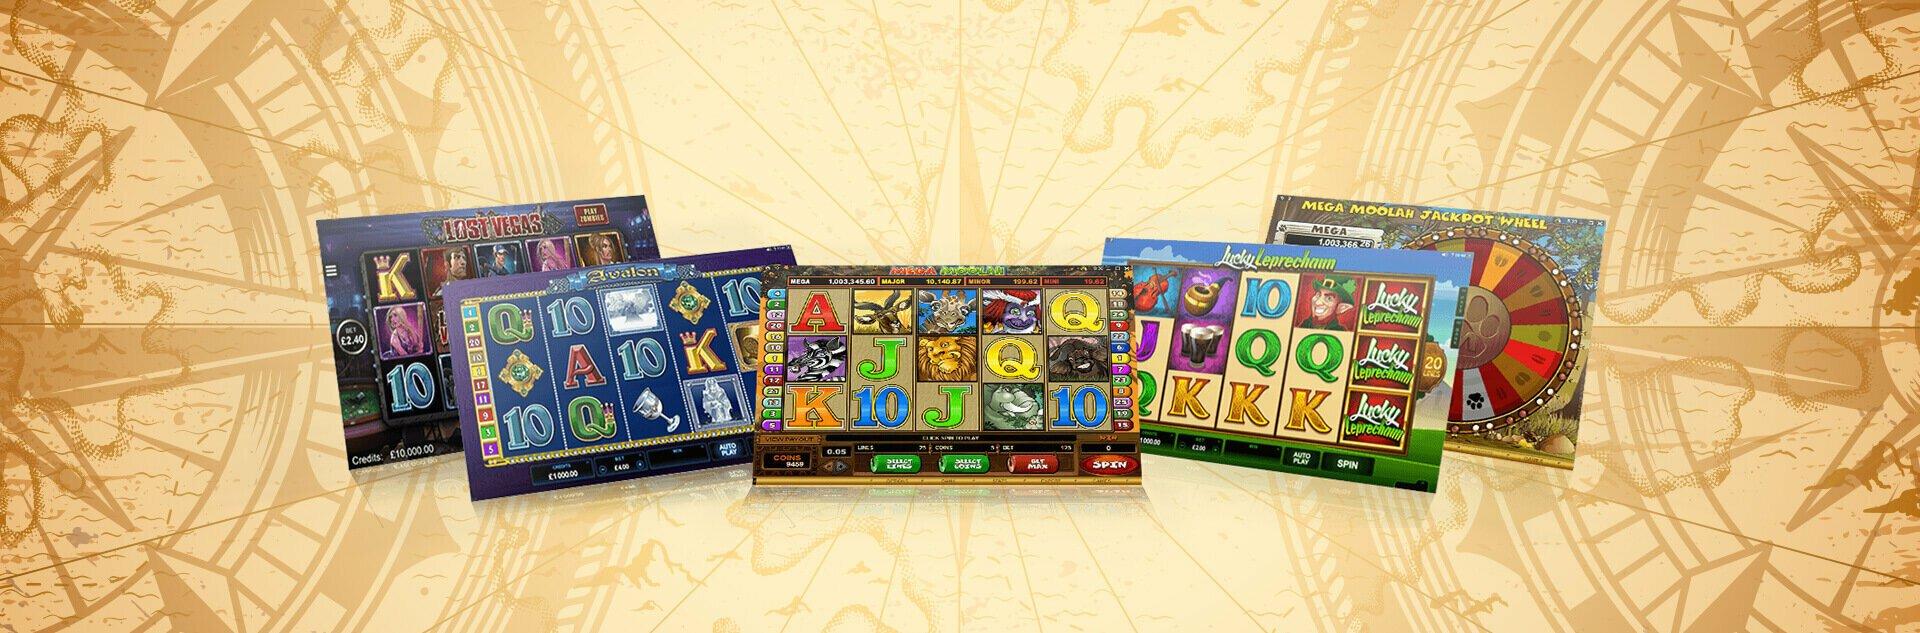 Captain Cooks casino review CA